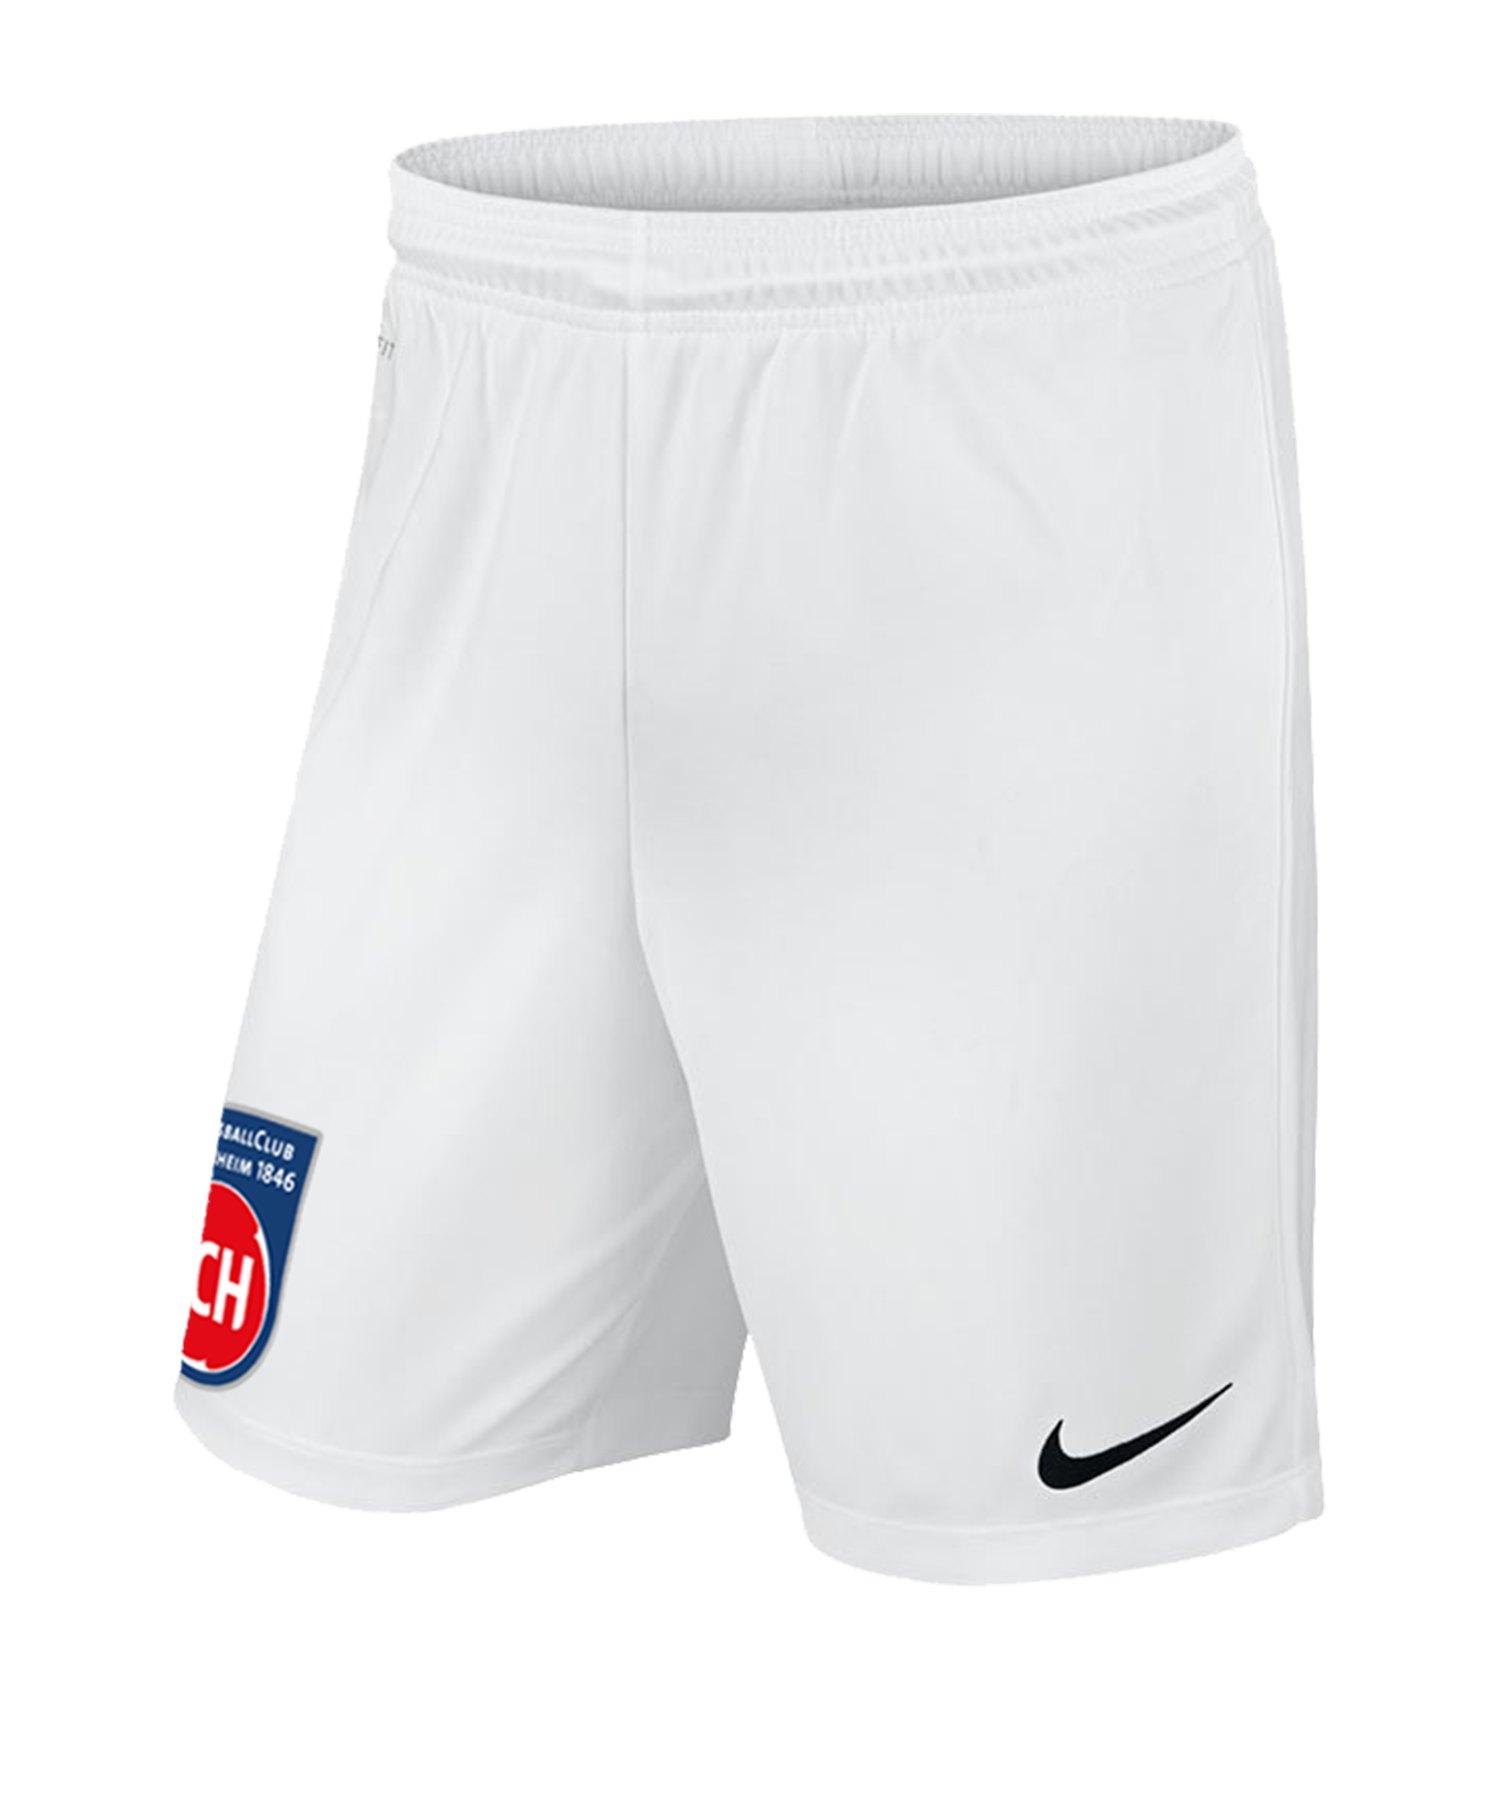 Nike 1. FC Heidenheim Short 3rd 2019/2020 F100 - weiss